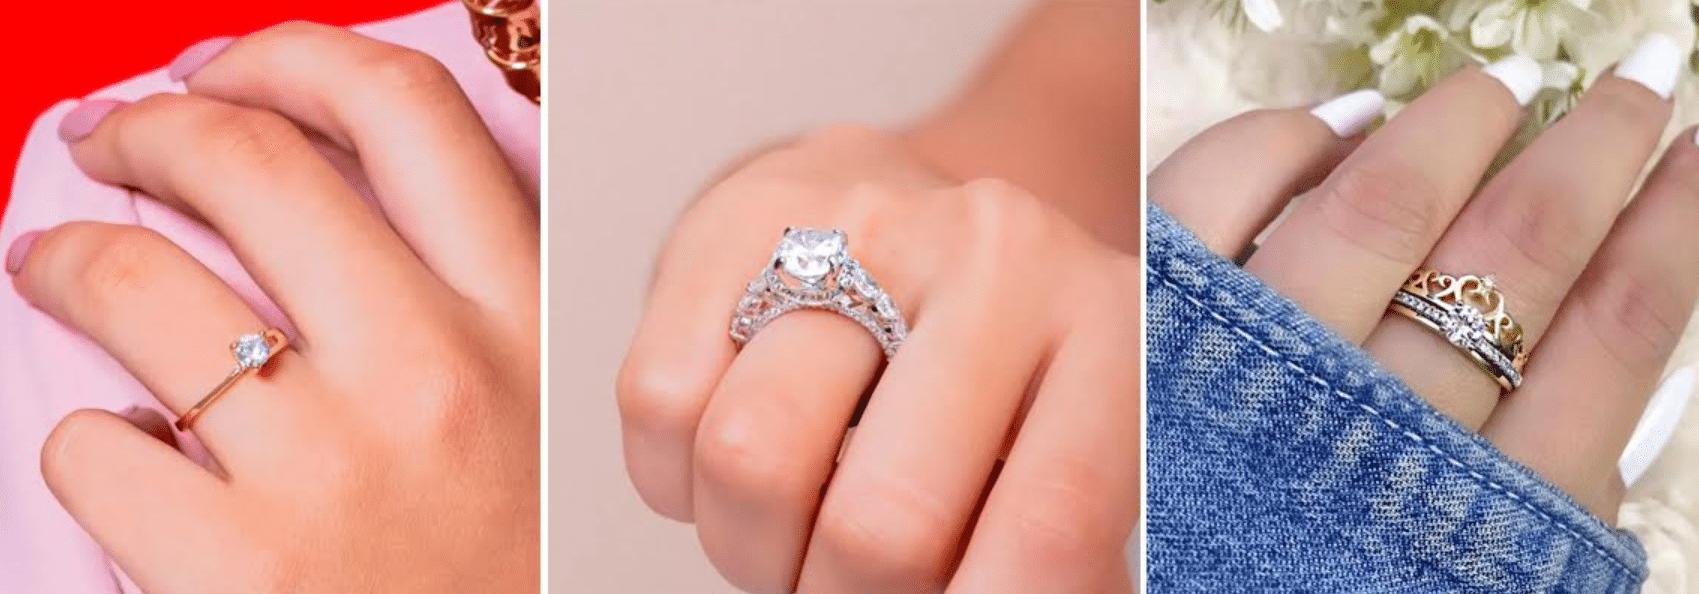 três imagens ampliadas diferentes de mãos com anéis com pedras